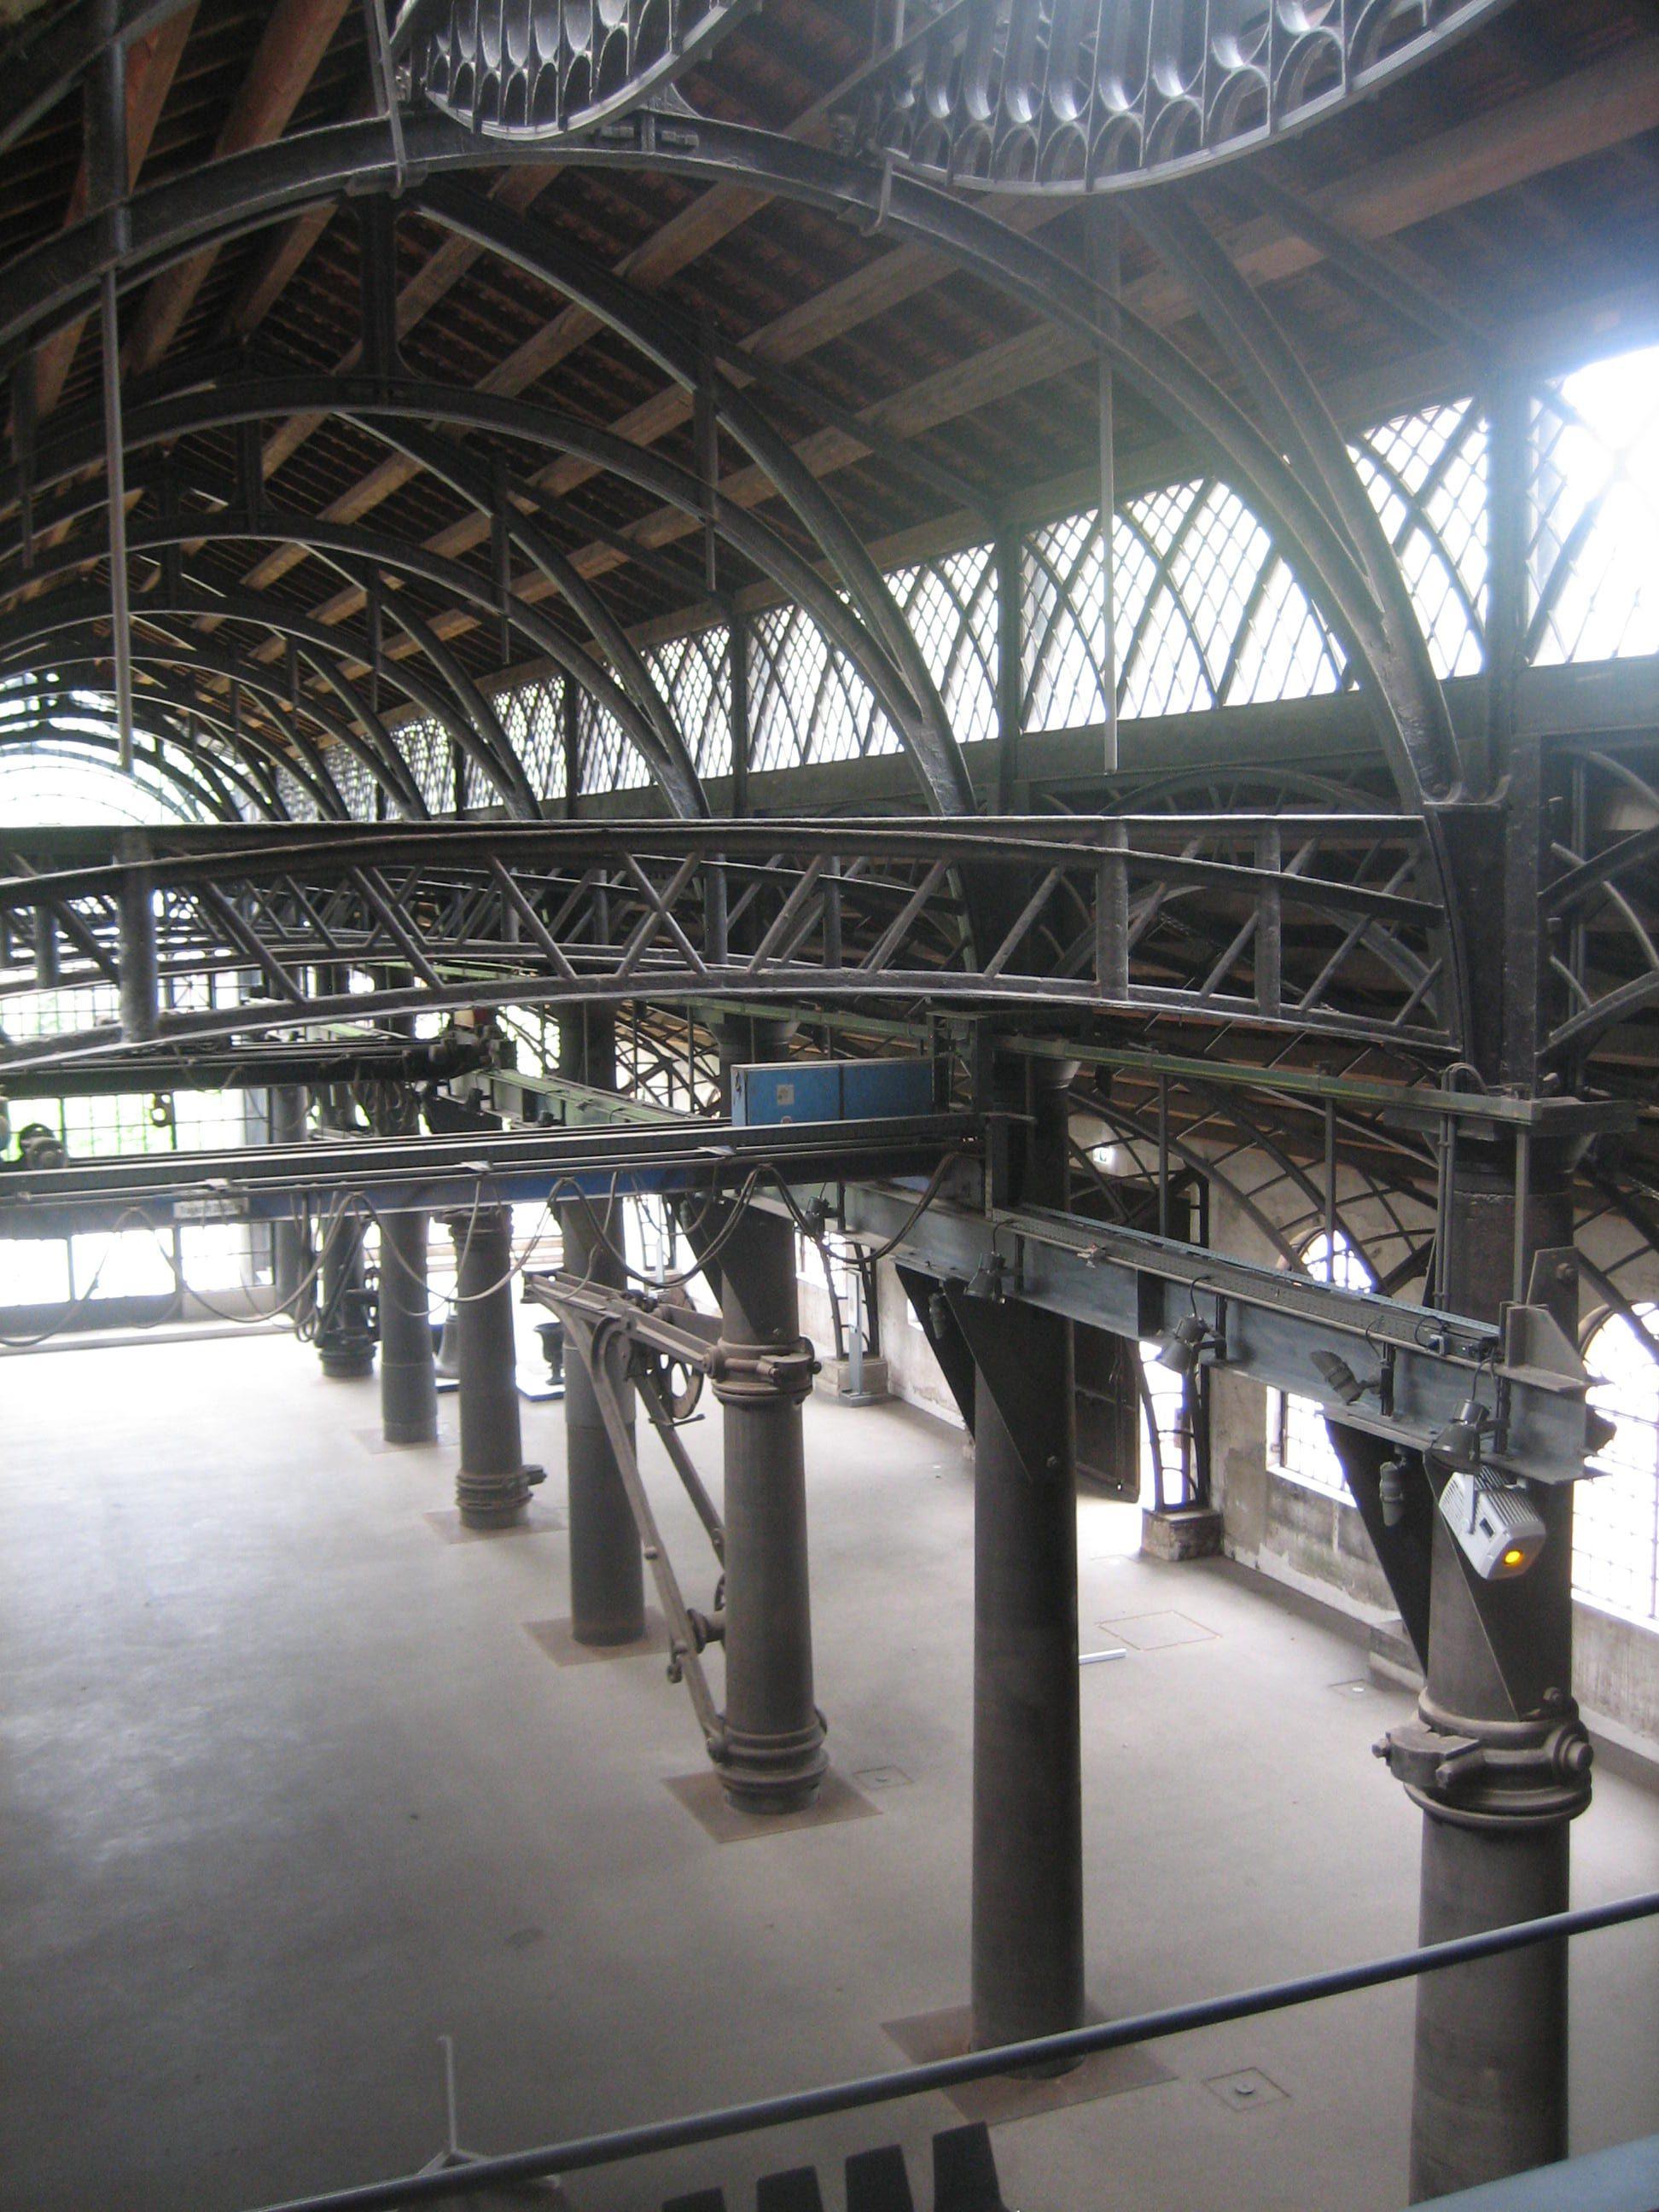 Rheinisches Eisenkunstguß-museum, Sayn. Foto Esther Doornbusch, mei 2019